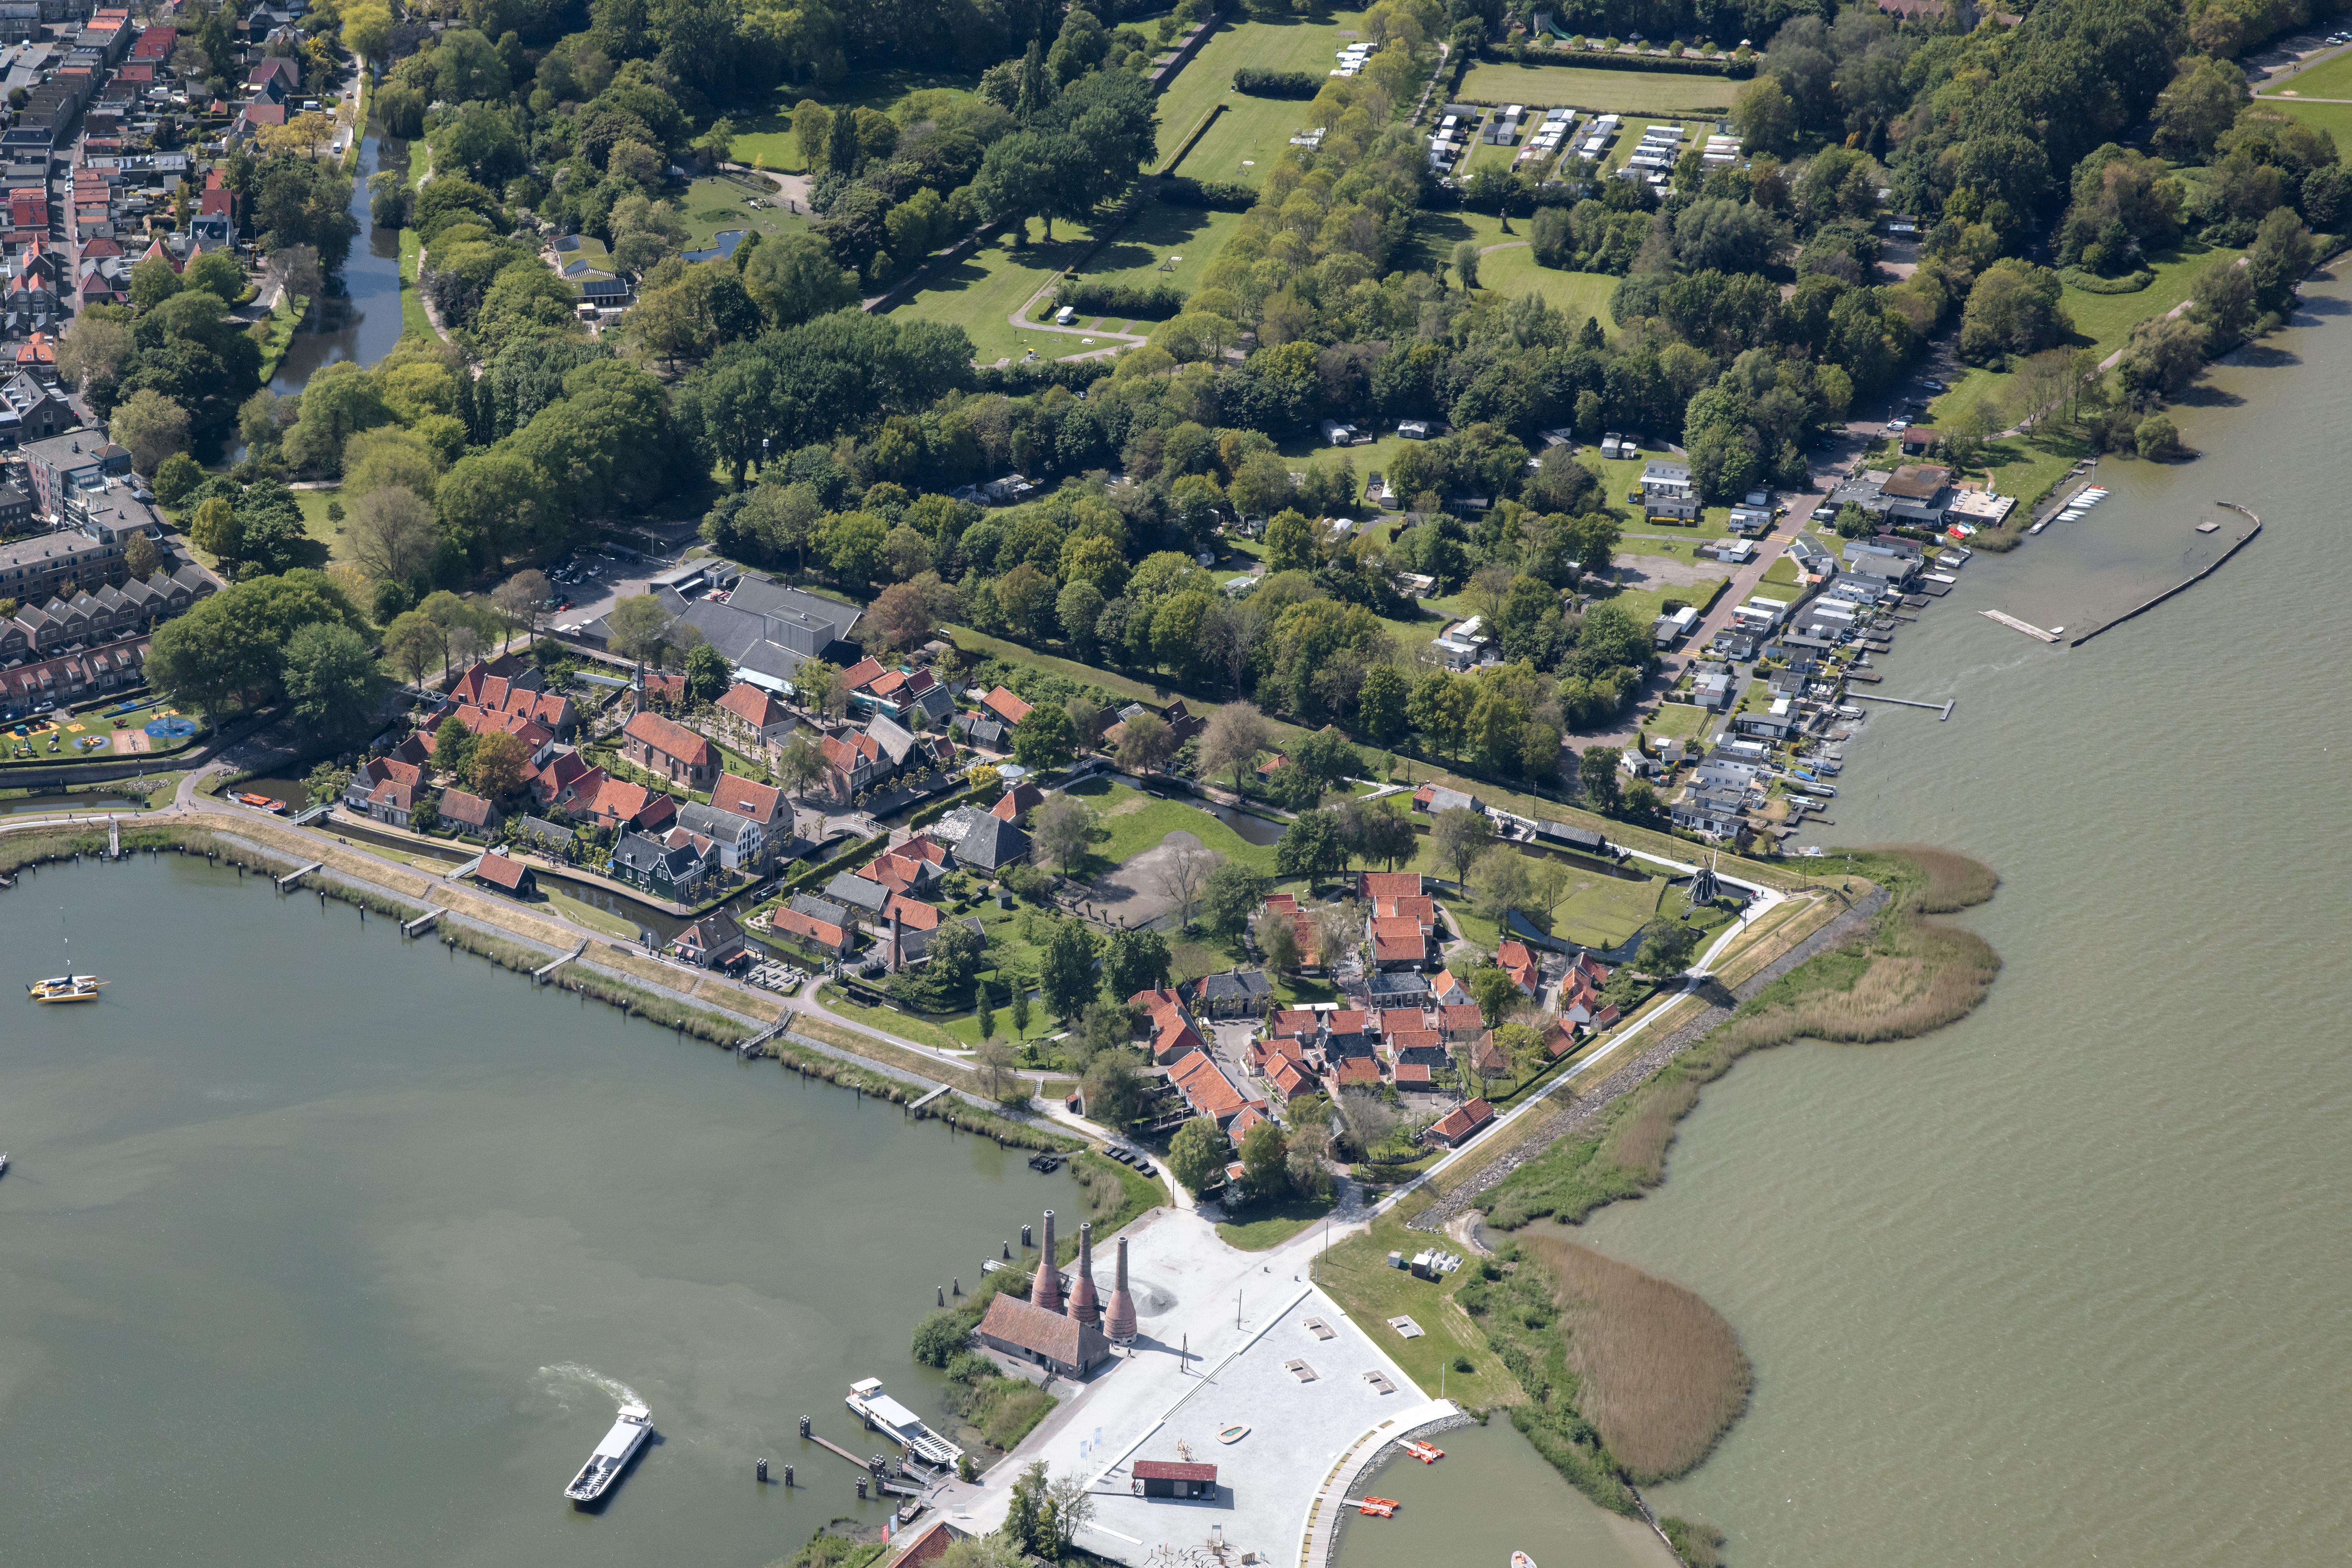 Enkhuizer gemeenteraad is bezwaren Zuiderzeemuseum beetje zat: 'Gereconstrueerd dorpje'